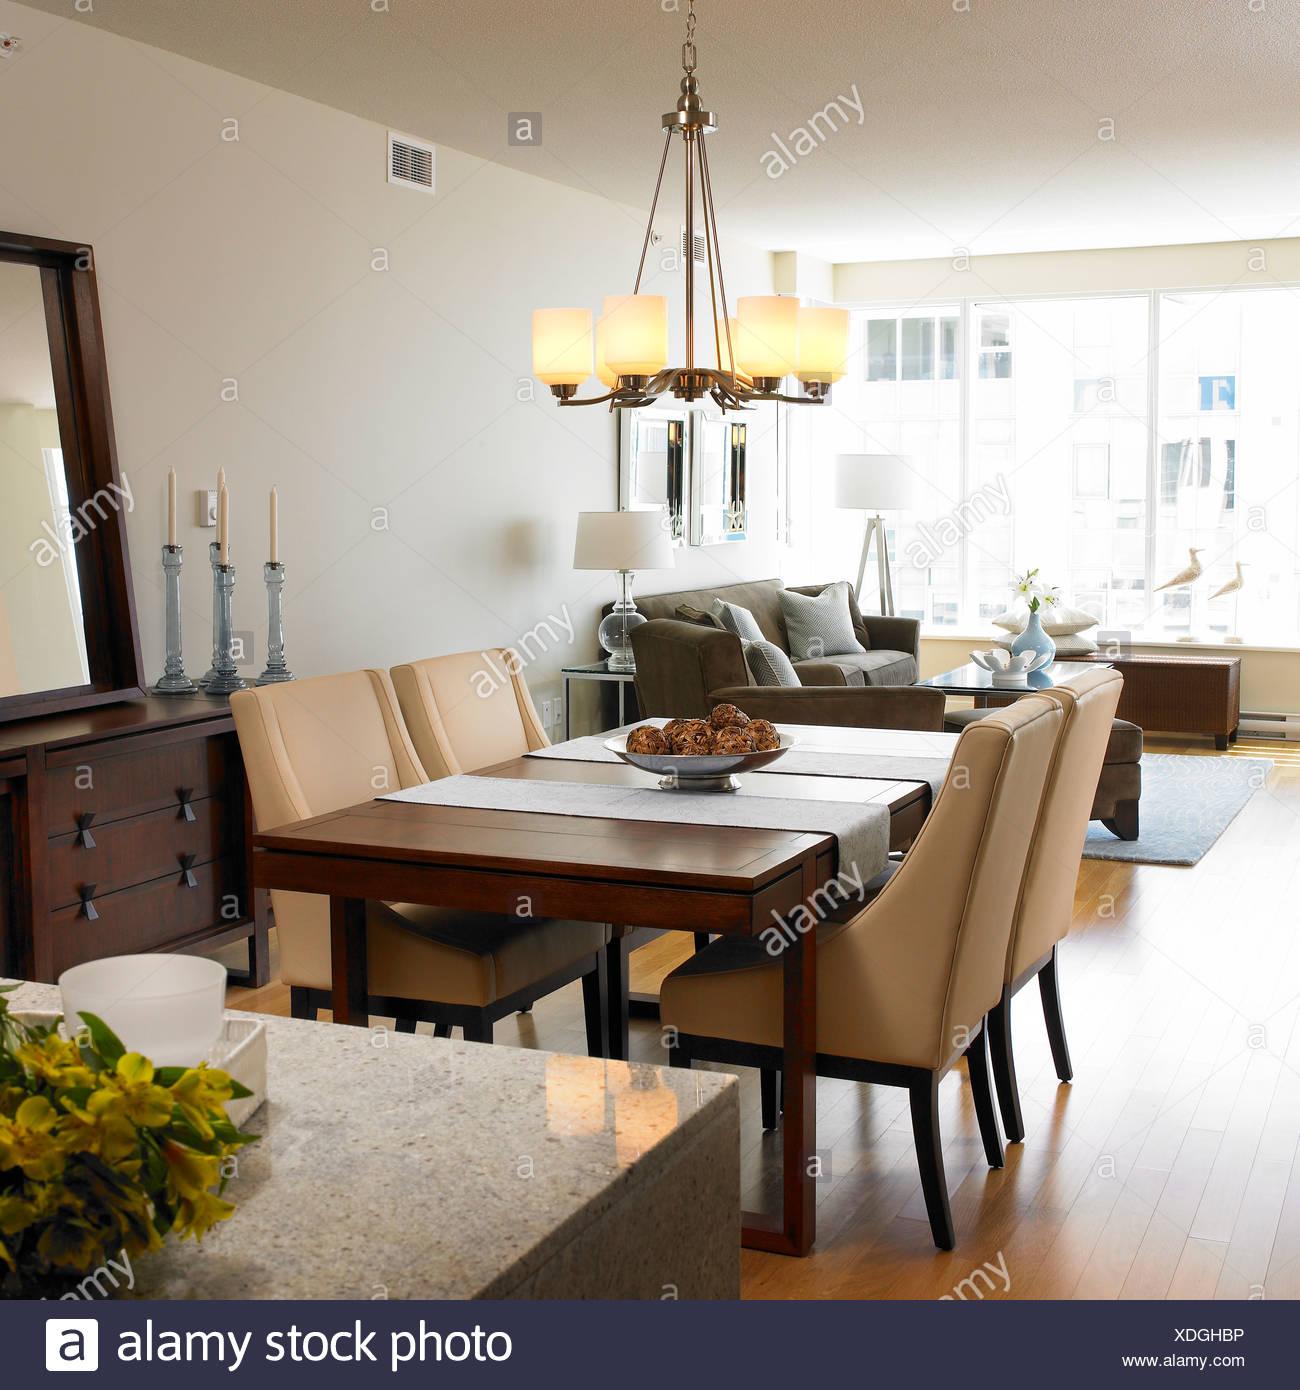 Couleur Salle De Sejour salle de séjour de condo avec des meubles couleur taupe